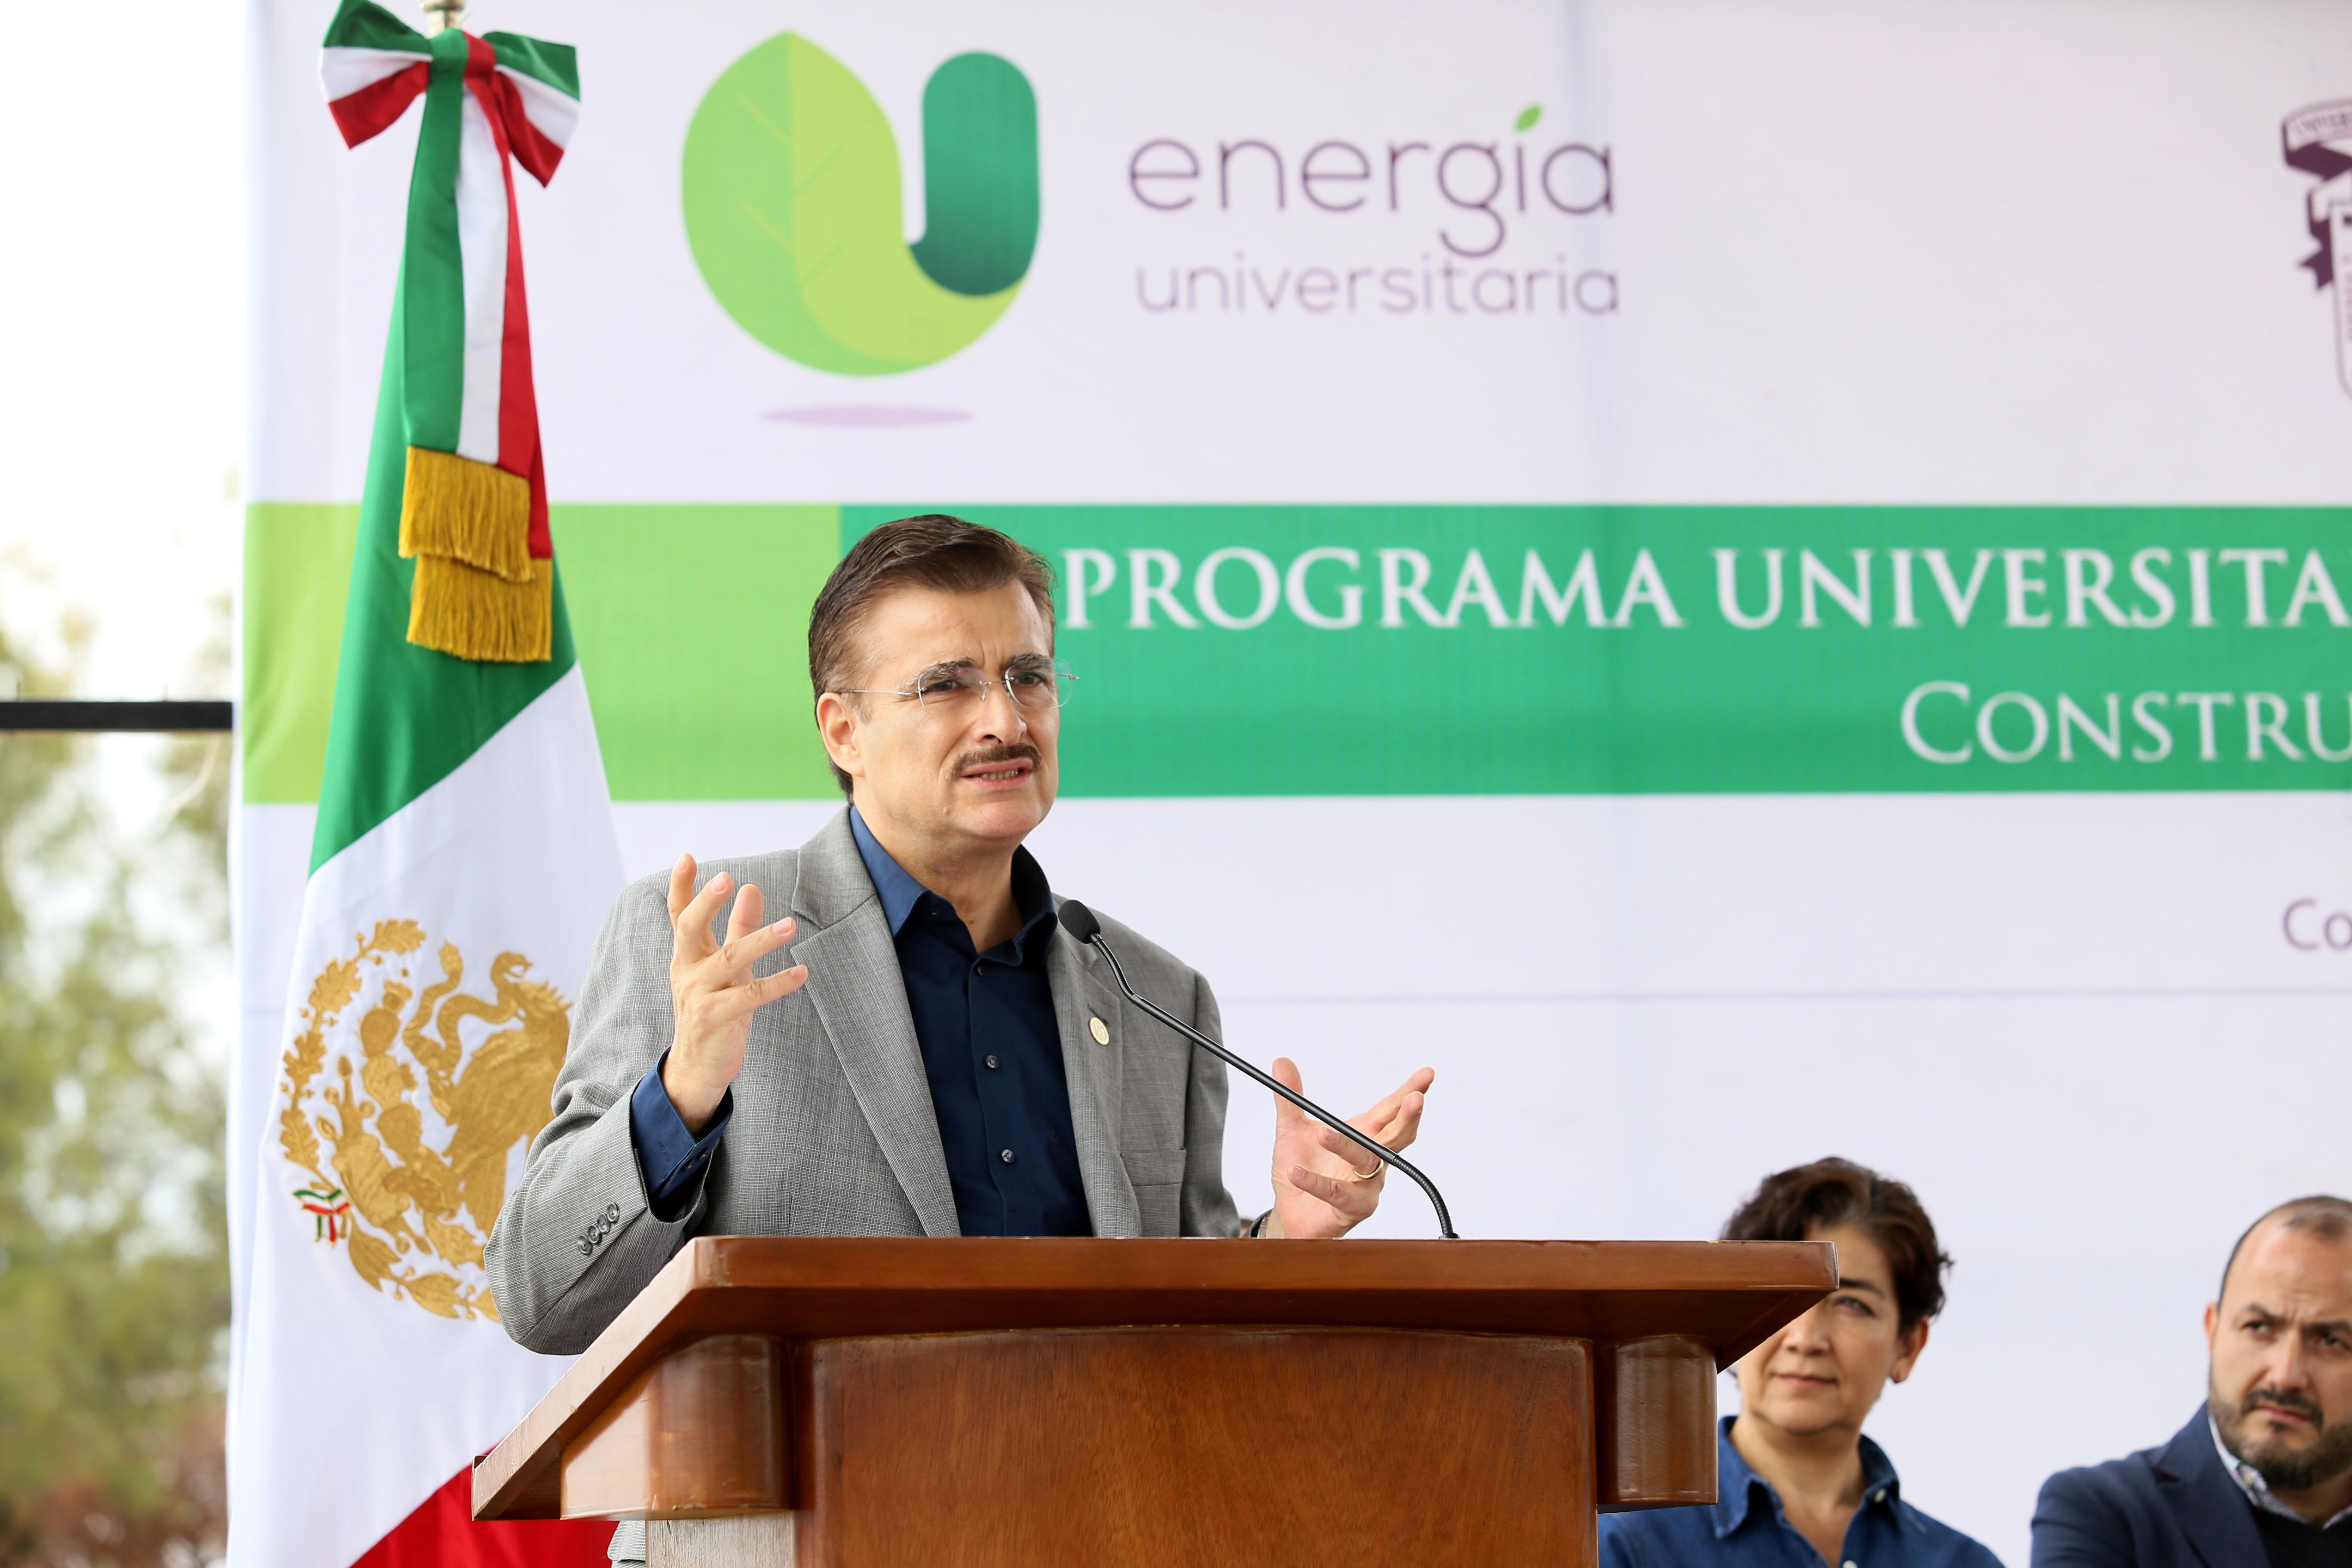 Maestro Itzcóatl Tonatiuh Bravo Padilla, Rector General de la Universidad de Guadalajara, con micrófono en podium haciendo uso de la palabra, durante inauguración de la primera pieza del huerto fotovoltaico.